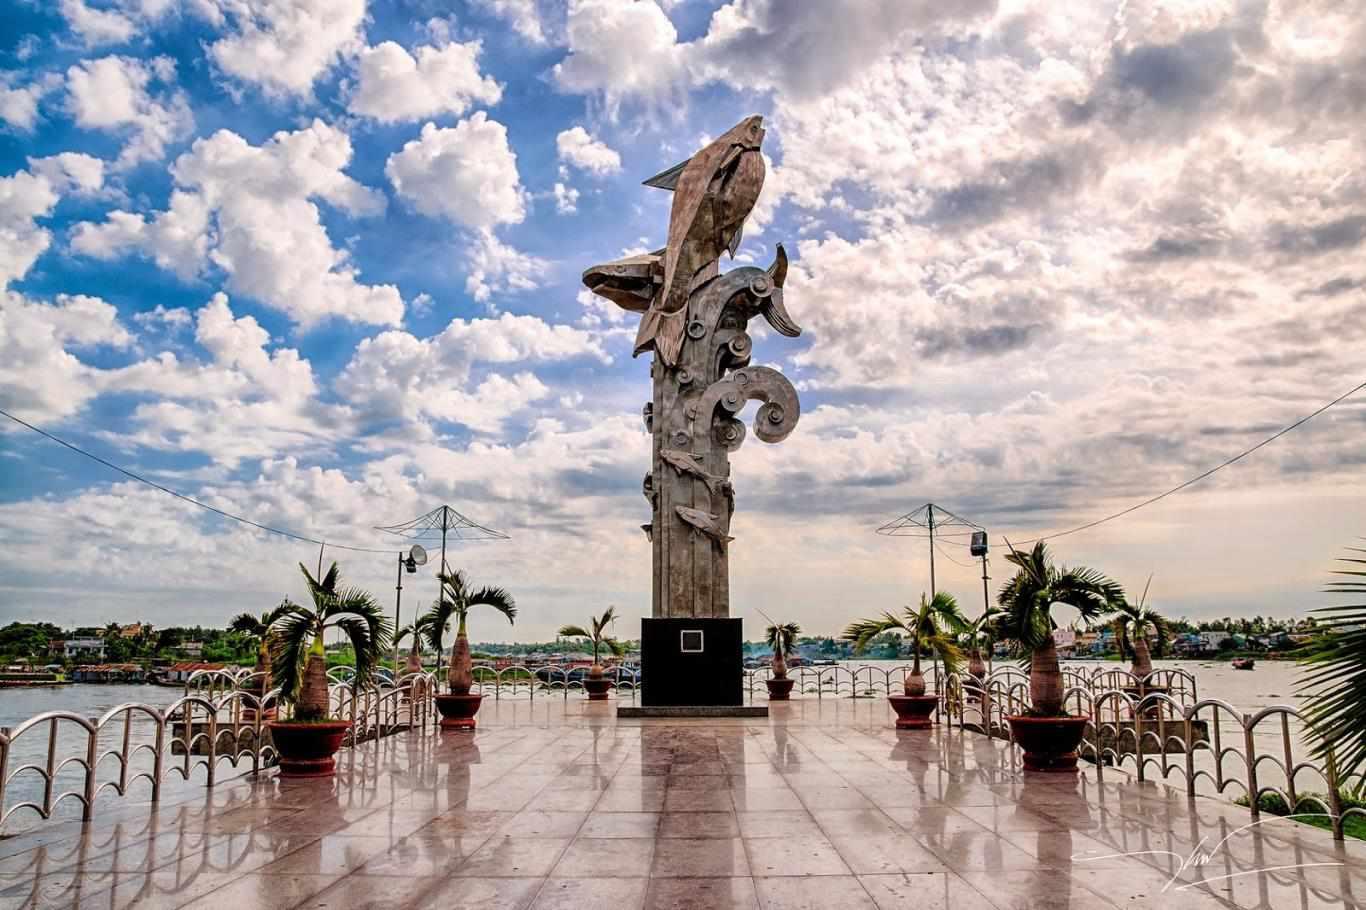 Tour du lịch miền Nam - Tượng đài cá Basa Châu Đốc